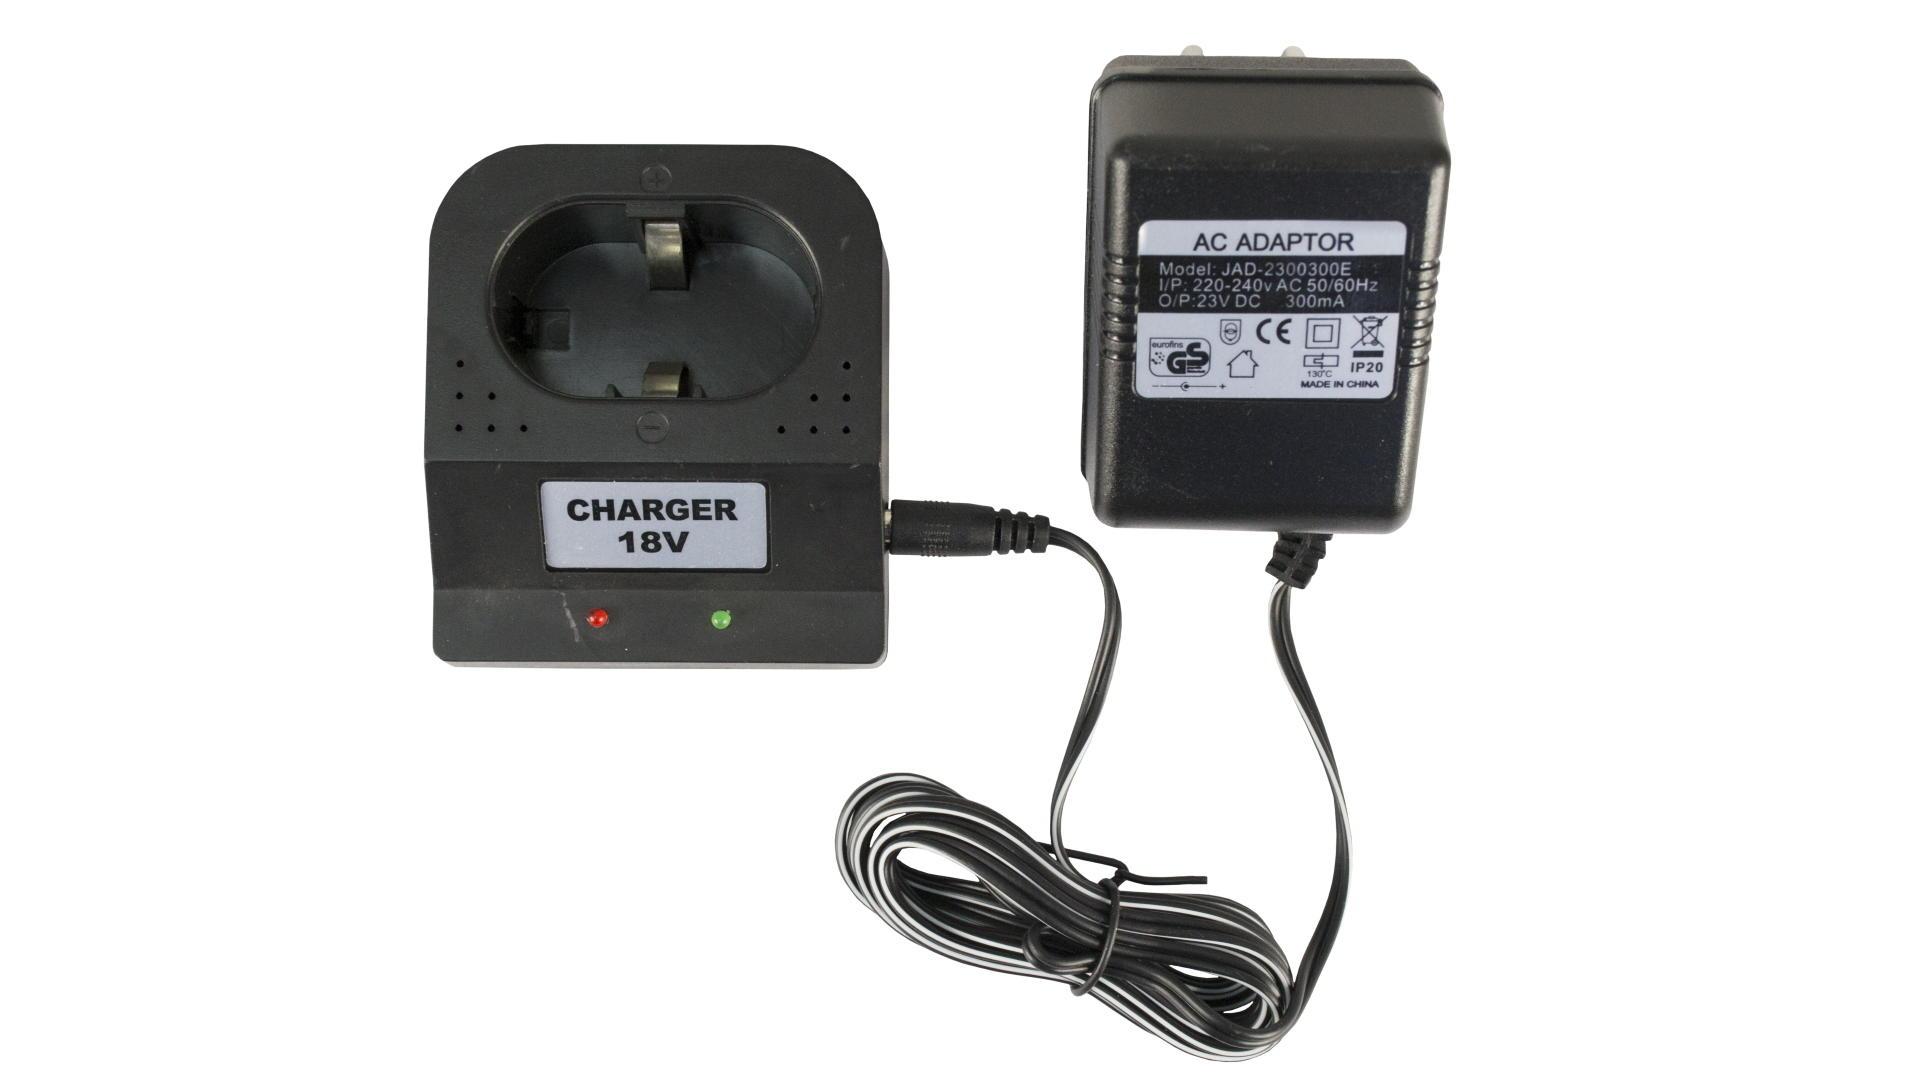 Зарядное устройство для аккумуляторных батарей шуруповерта Асеса - 18 В 2